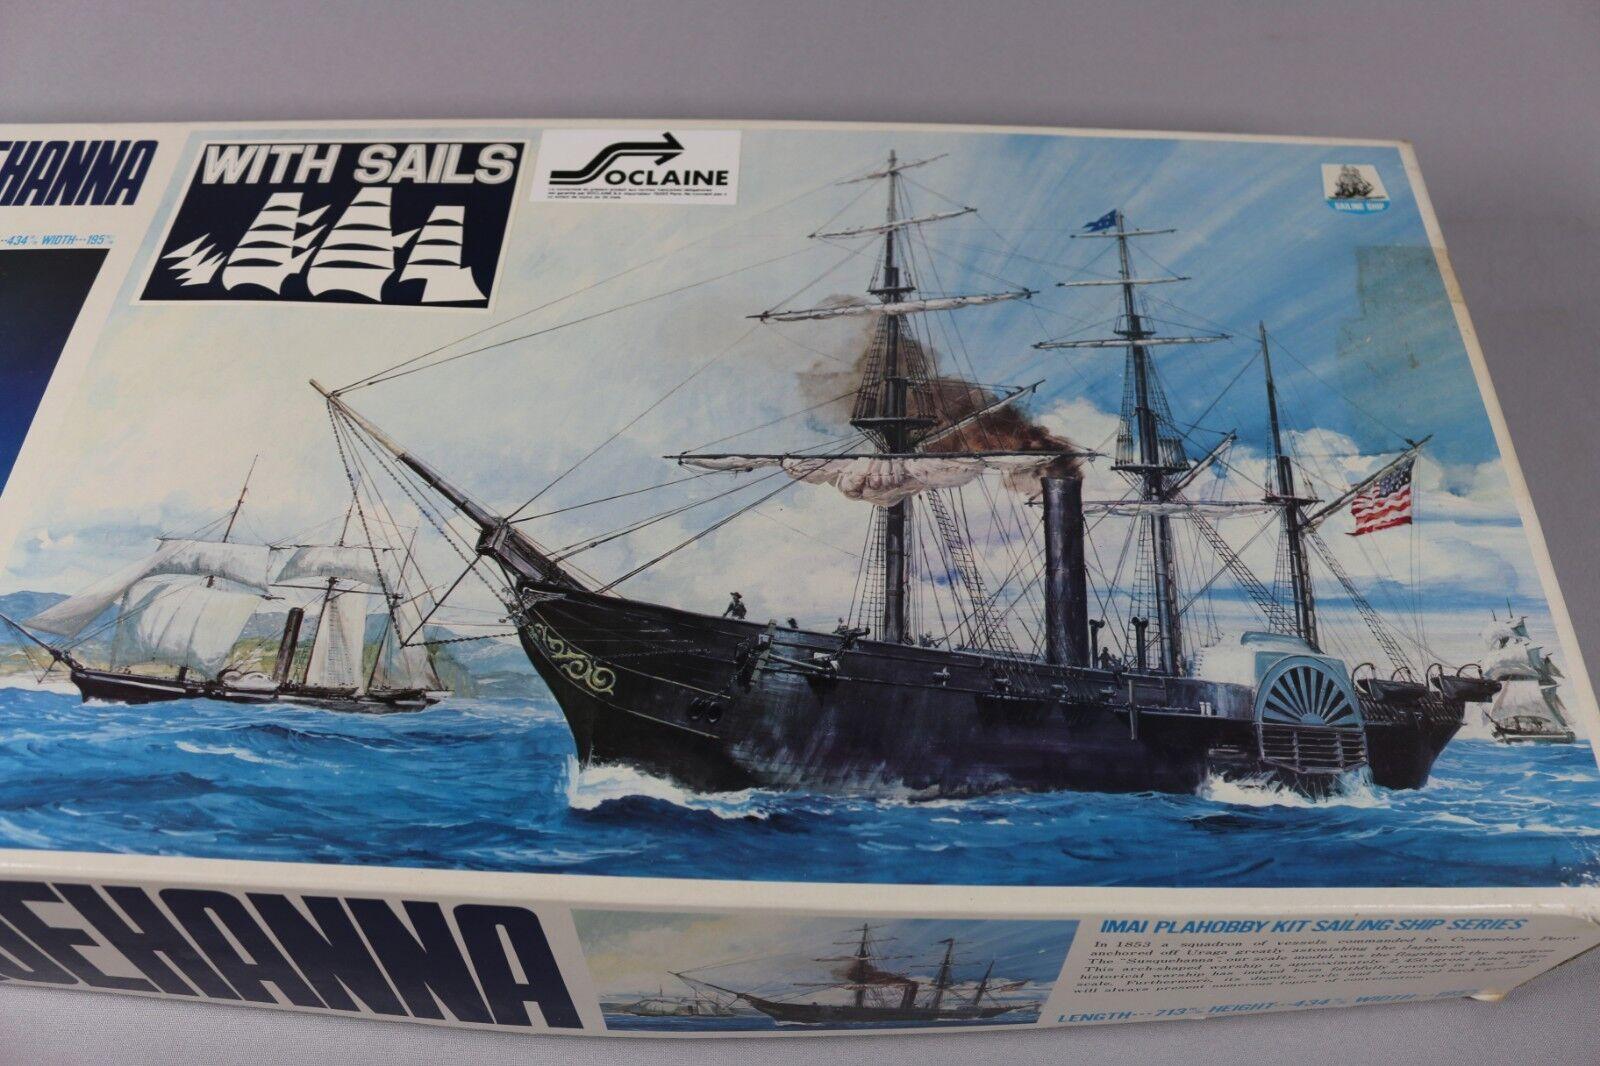 Zf039 Imai 1 150 Modellino Modellino Modellino Barca Vela B-355 Susquehanna 713x195x434mm f22eac